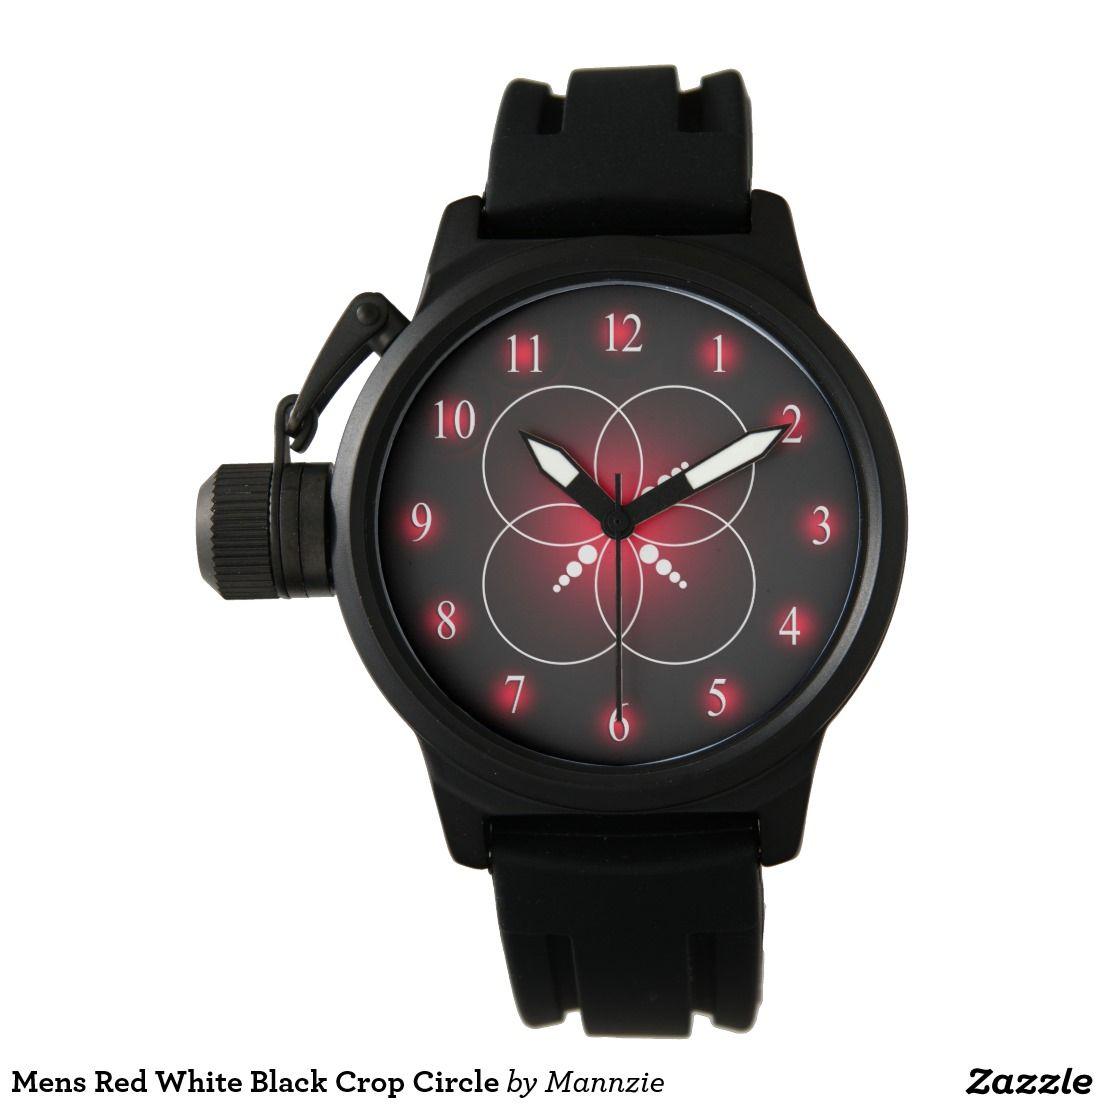 Mens Red White Black Crop Circle Wristwatch